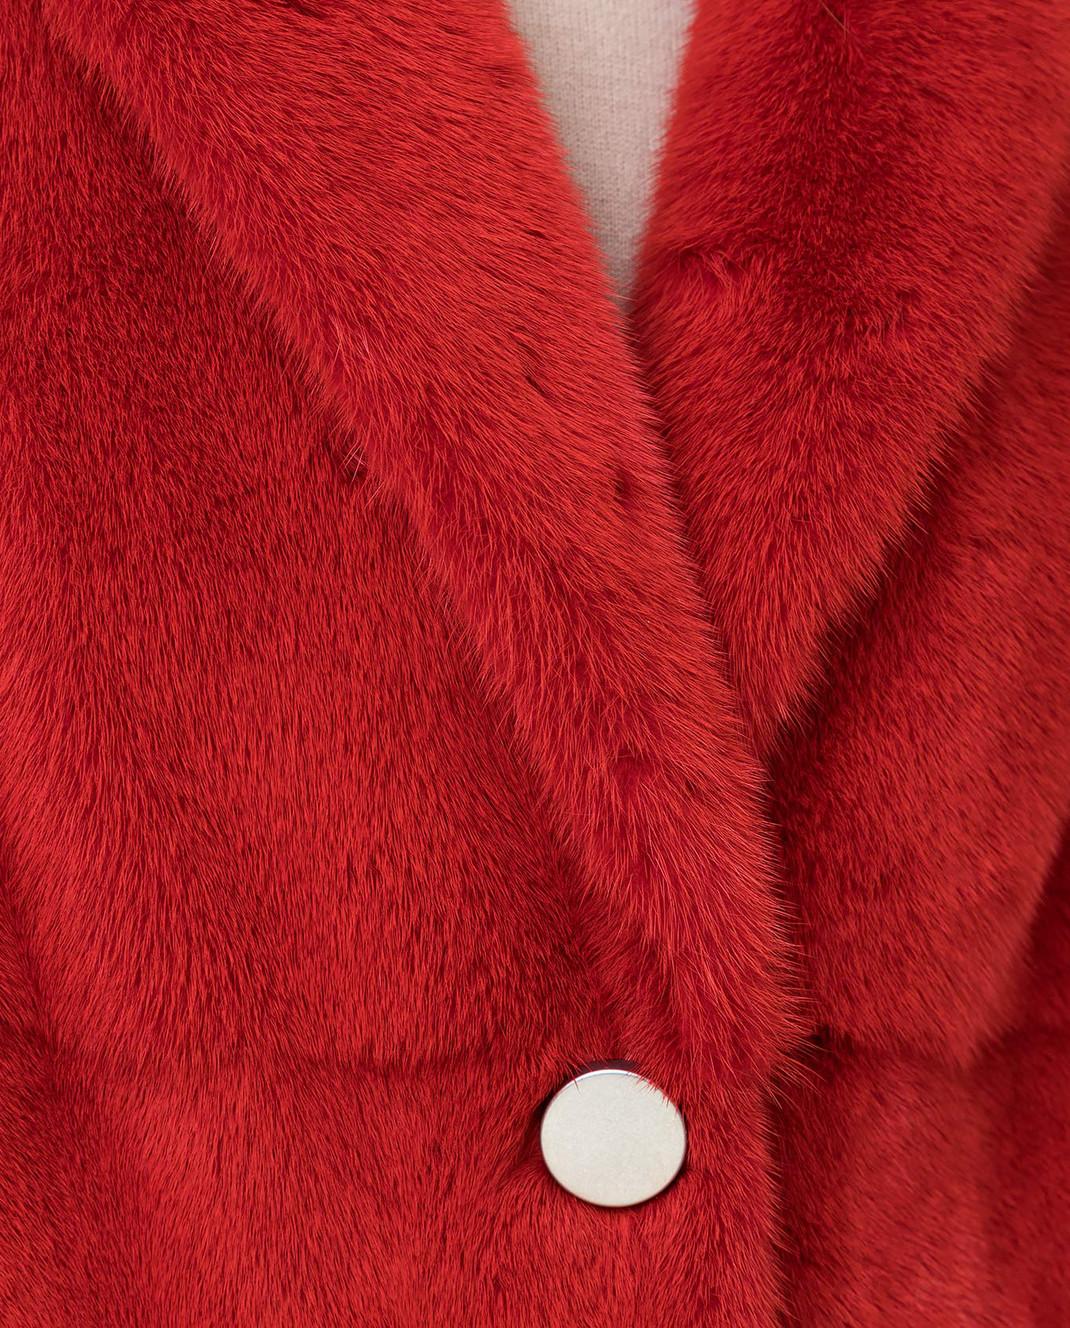 Fabio Gavazzi Красная шуба из меха норки изображение 5